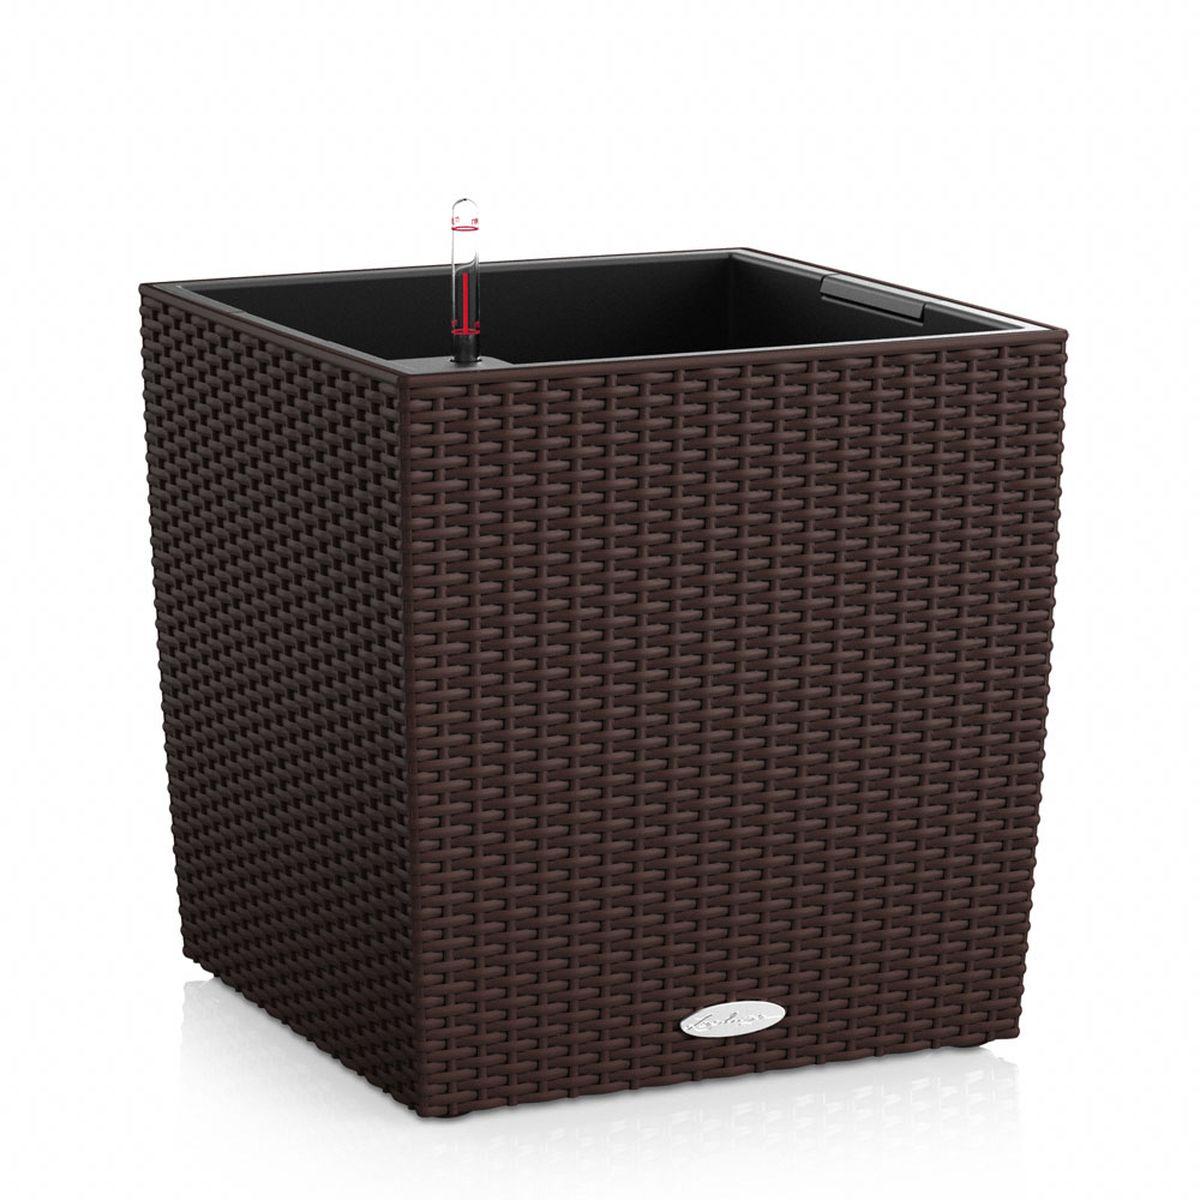 """Кашпо Lechuza """"Cube Cottage"""", изготовленное из  высококачественного пластика, идеальное решение для тех,  кто регулярно забывает поливать комнатные растения.  Стильный дизайн позволит украсить растениями дом, офис,  кафе или любое другое помещение.  Кашпо Lechuza """"Cube Cottage"""" с системой автополива  упростит уход за вашими цветами и поможет растениям  получать то количество влаги, которое им необходимо в  данный момент времени.   В набор входит: кашпо, внутренний горшок, индикатор уровня  воды.   Внутренний горшок, оснащенный выдвижными ручками,  обеспечивает: - легкую переноску даже высоких растений; - легкую смену растений; - можно также просто убрать растения на зиму; - винт в днище позволяет стечь излишней дождевой воде  наружу. Кашпо Lechuza """"Cube Cottage"""" прекрасно впишется в  интерьер больших террас, ресторанов и уютных гостиных.  Изделие поможет расставить нужные акценты и придаст  помещению вид, соответствующий вашим представлениям."""